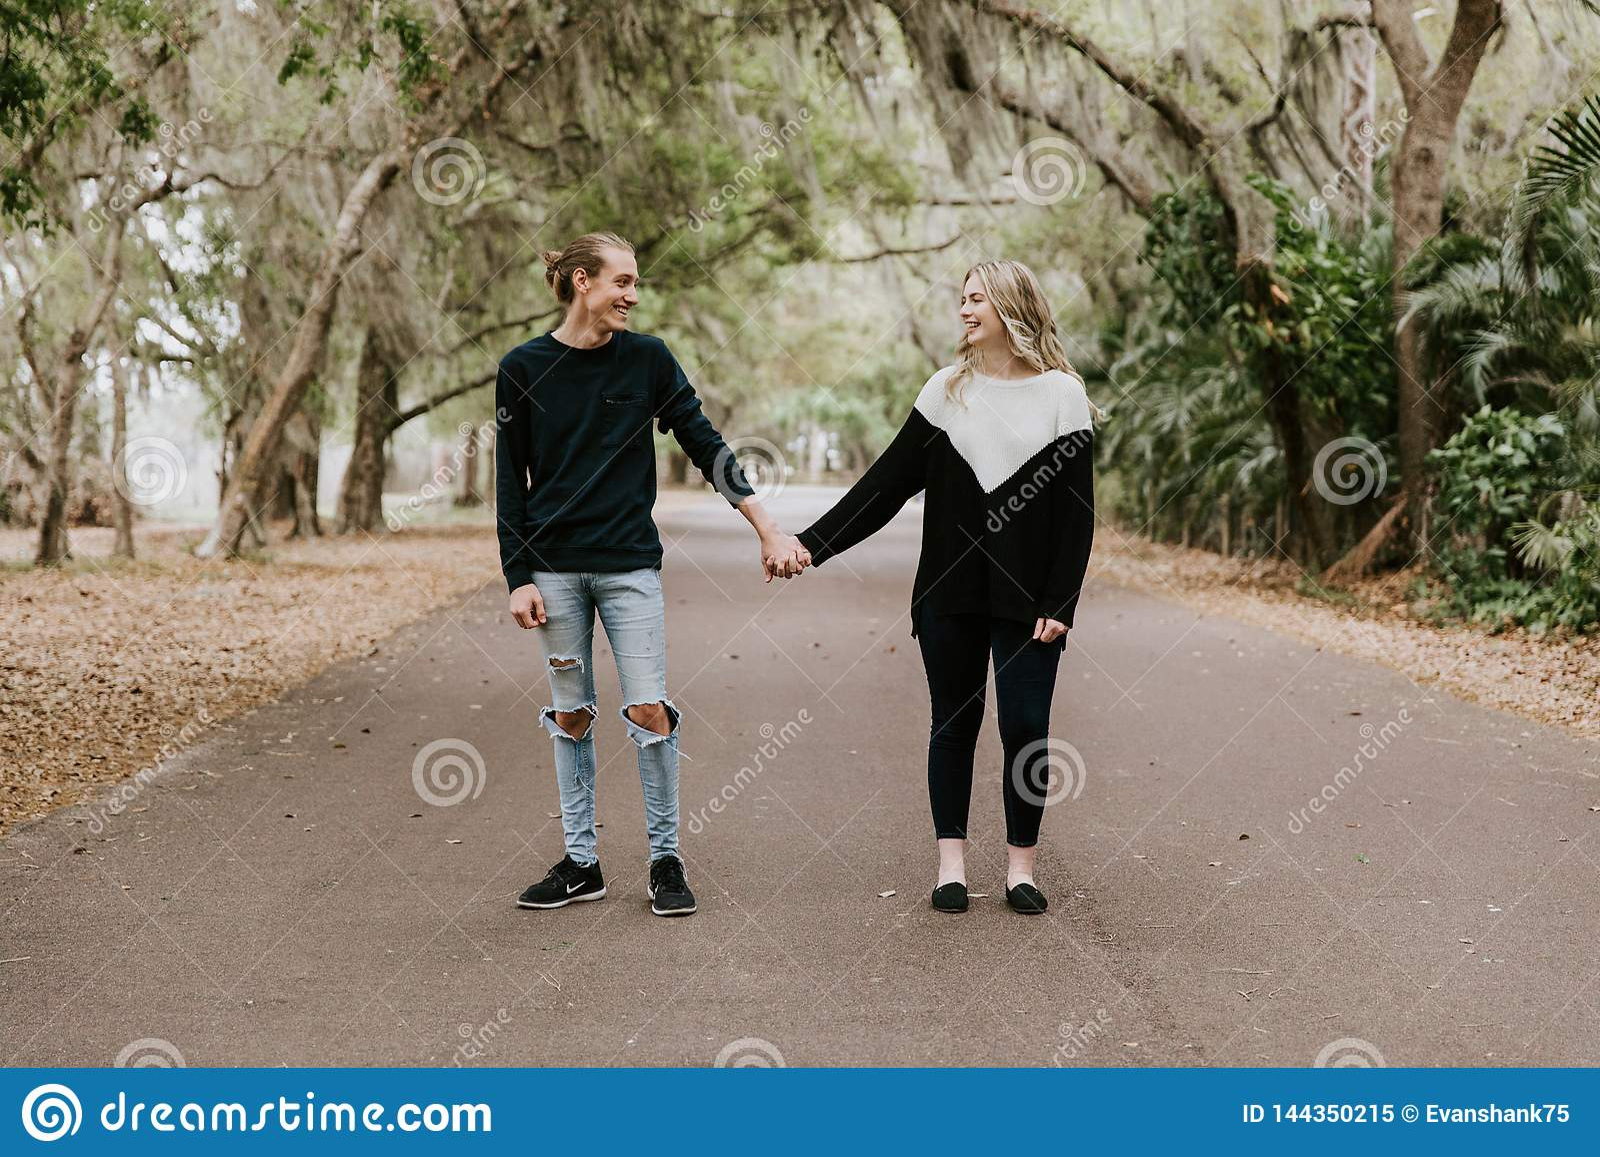 Nette junge glückliche liebevolle Paare, die hinunter eine alte verlassene Straße mit dem moosigen Eichen-Überhängen gehen